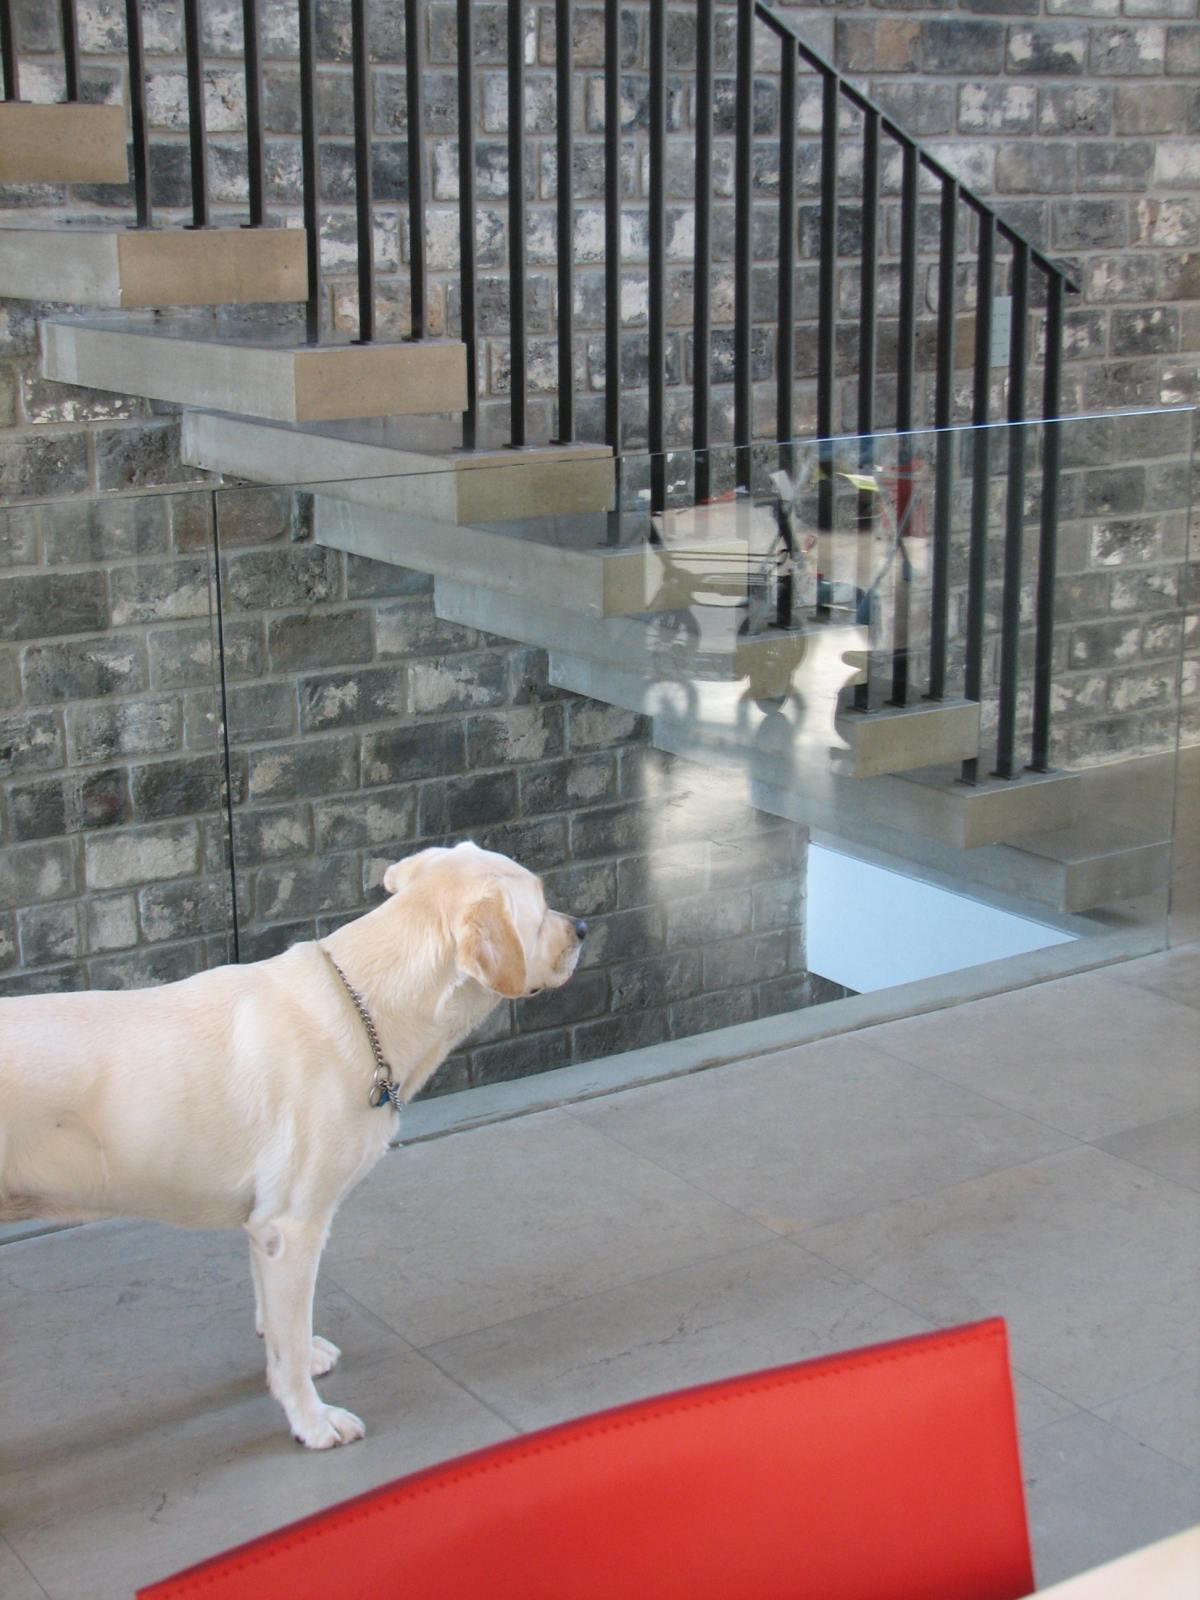 מדרגות בטון תלויות קיר לבנים מפירוק. בחירת חומרי גמר בשוהם